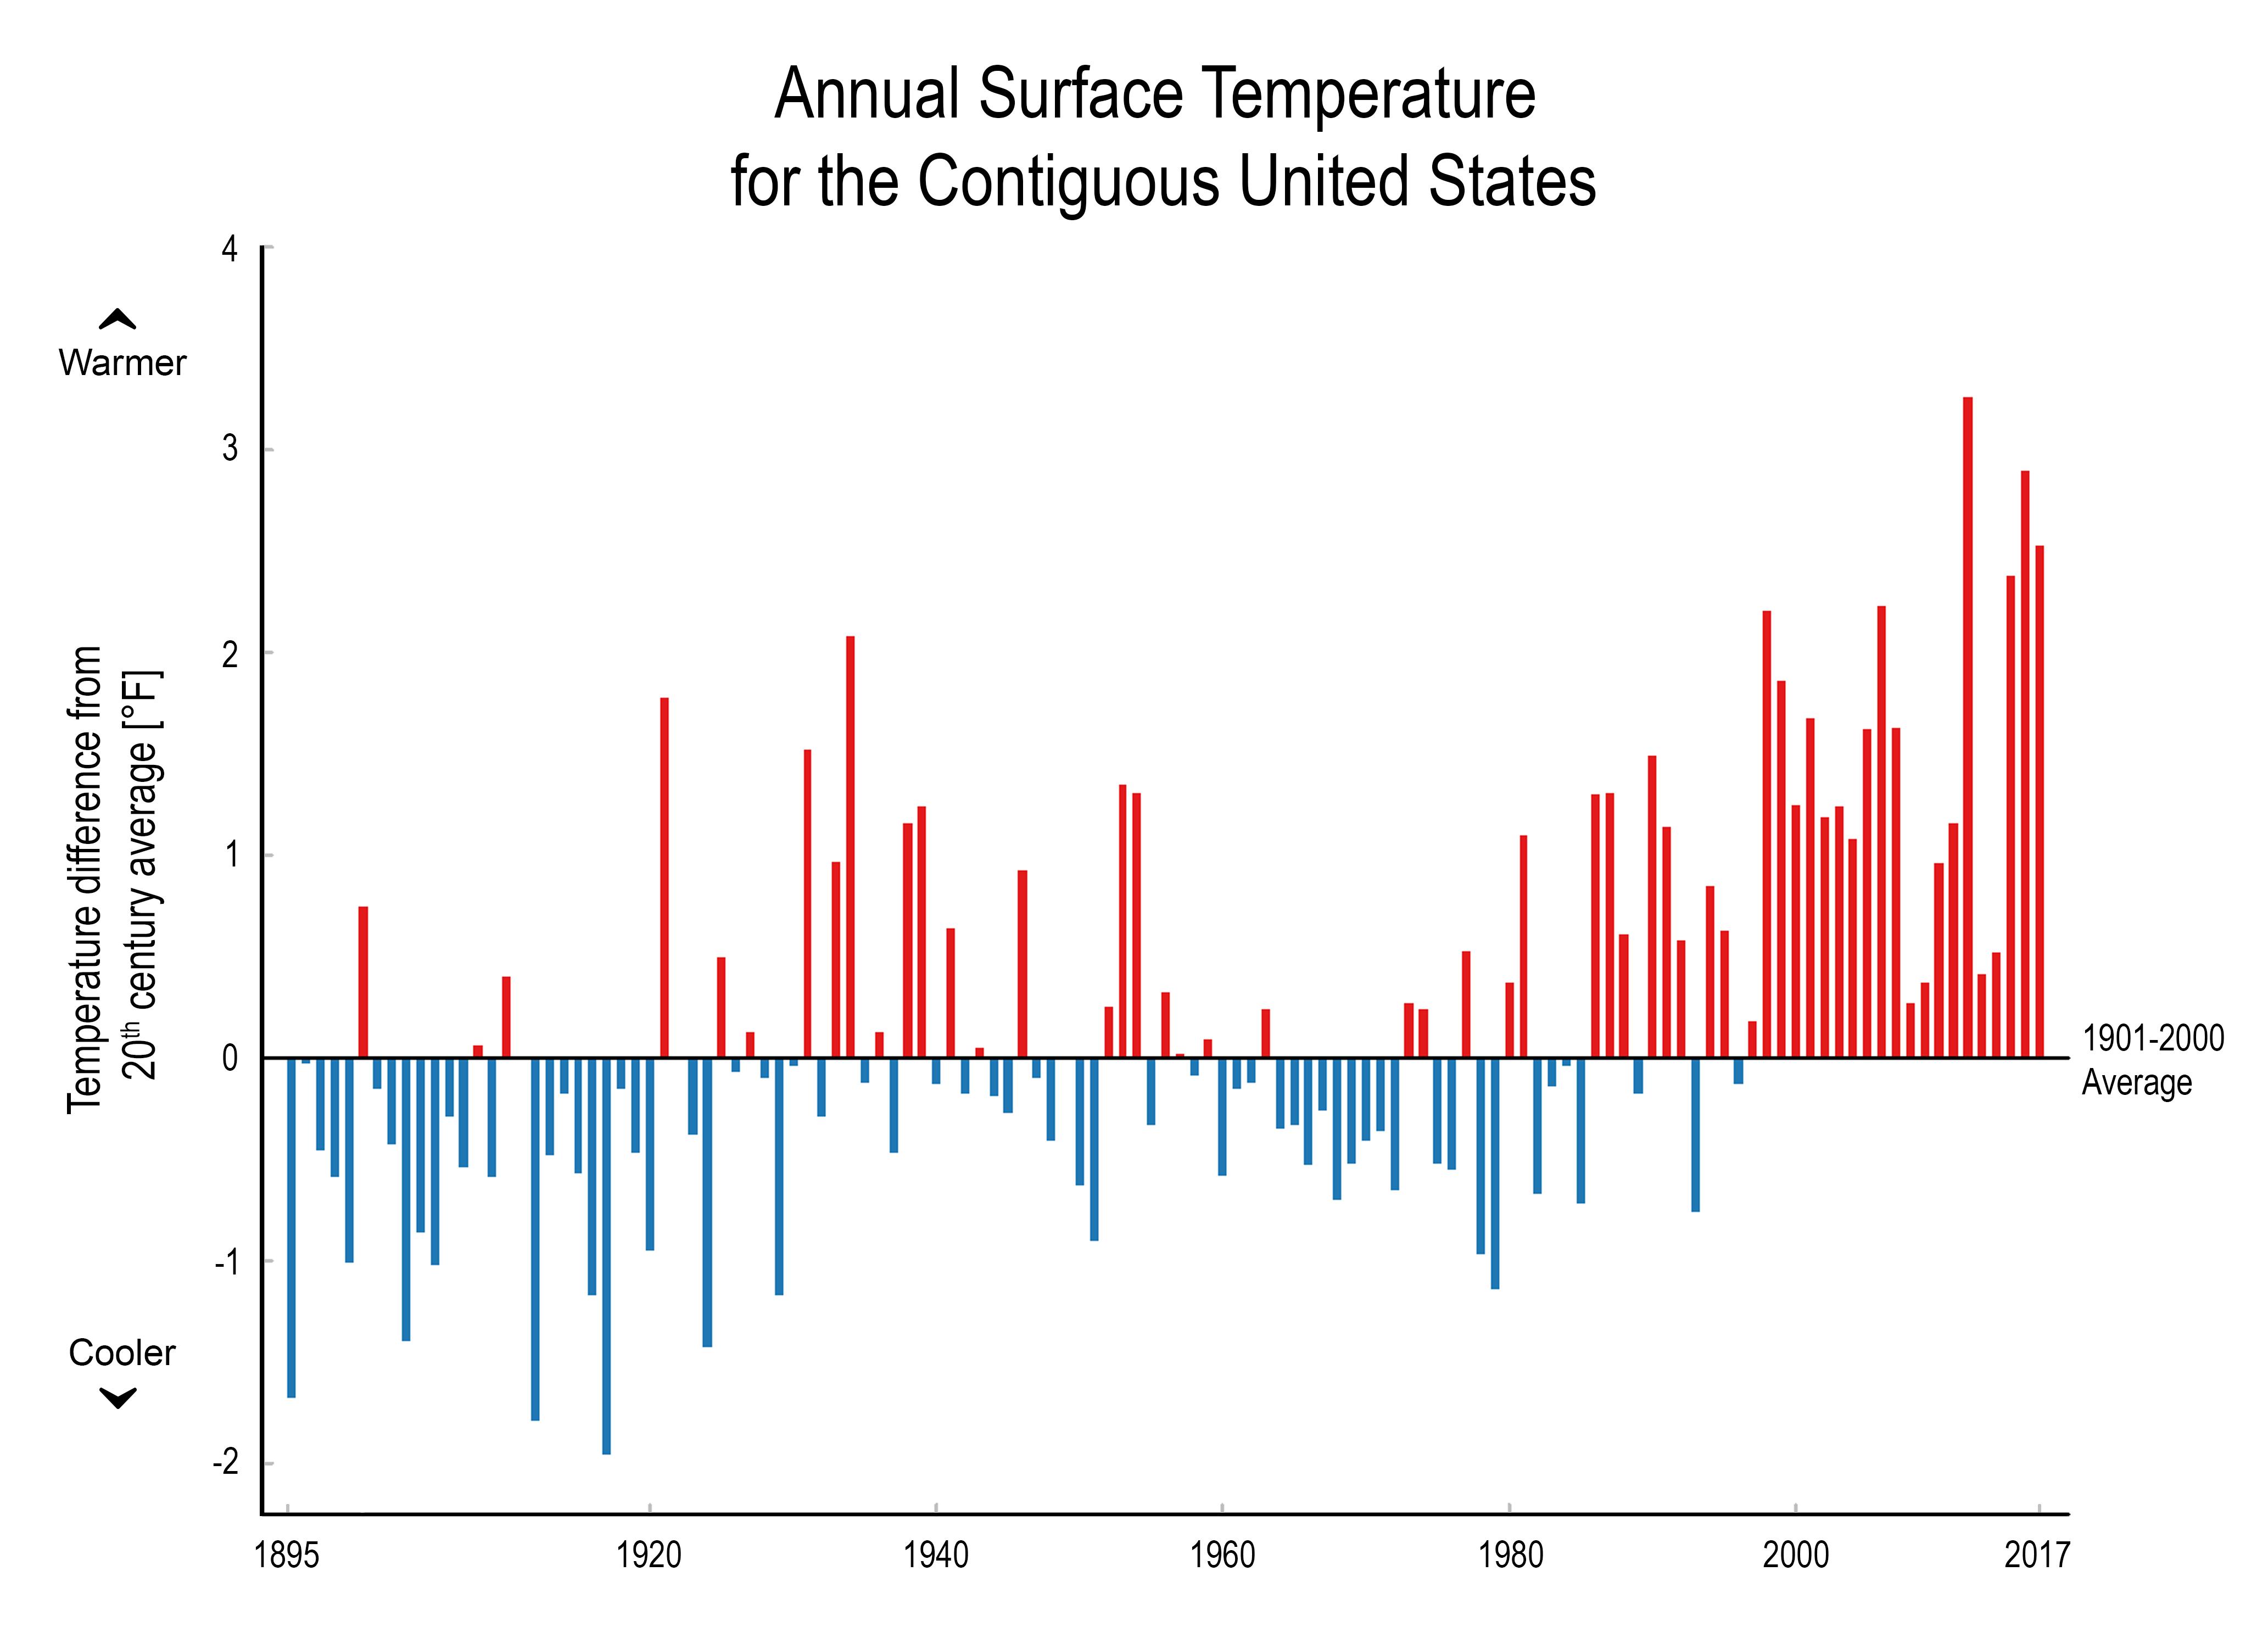 U.S. Surface Temperatures